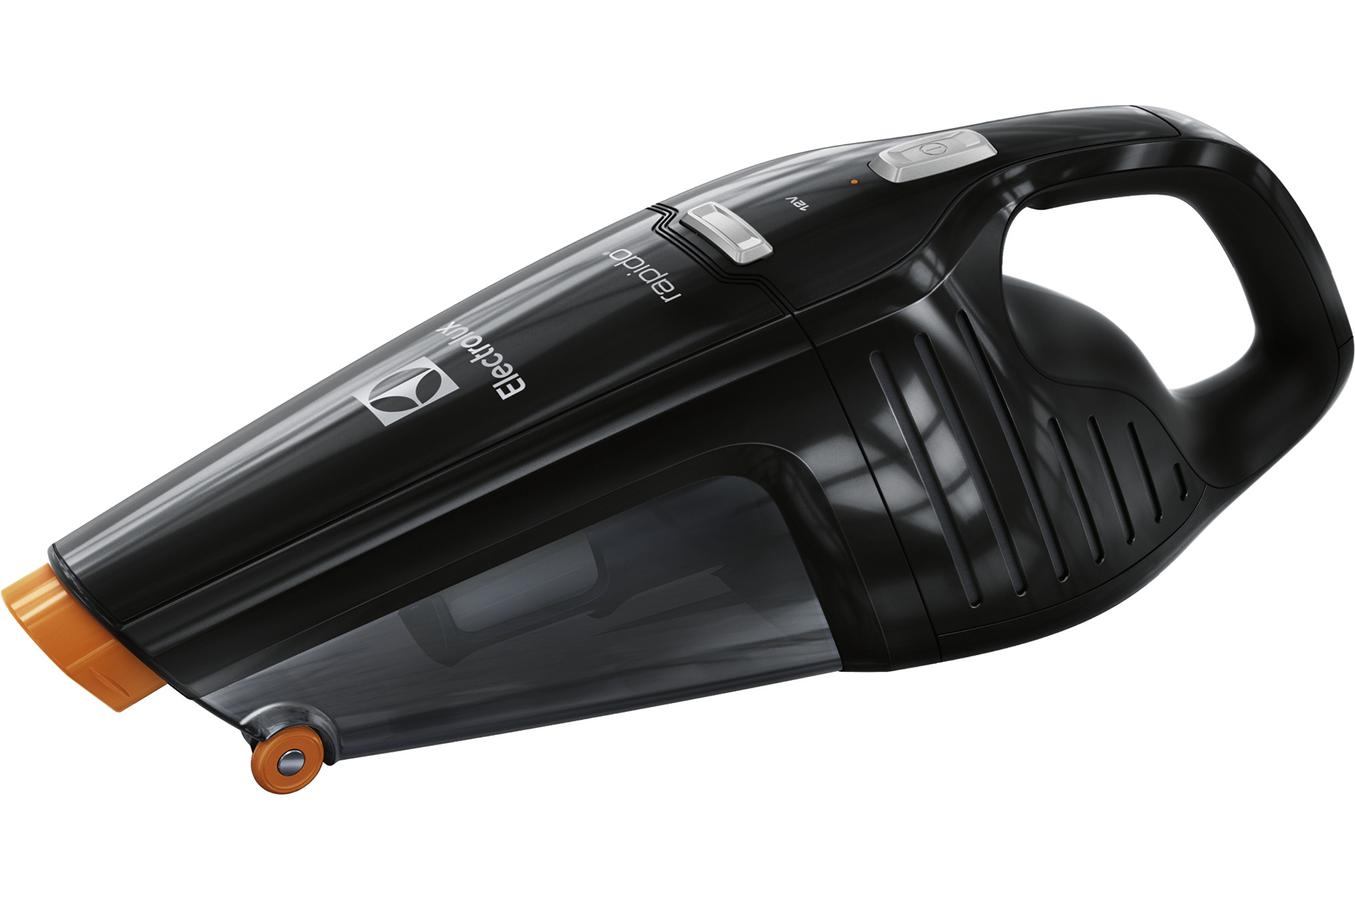 aspirateur à main electrolux zb5112e rapido - aspirateur à main